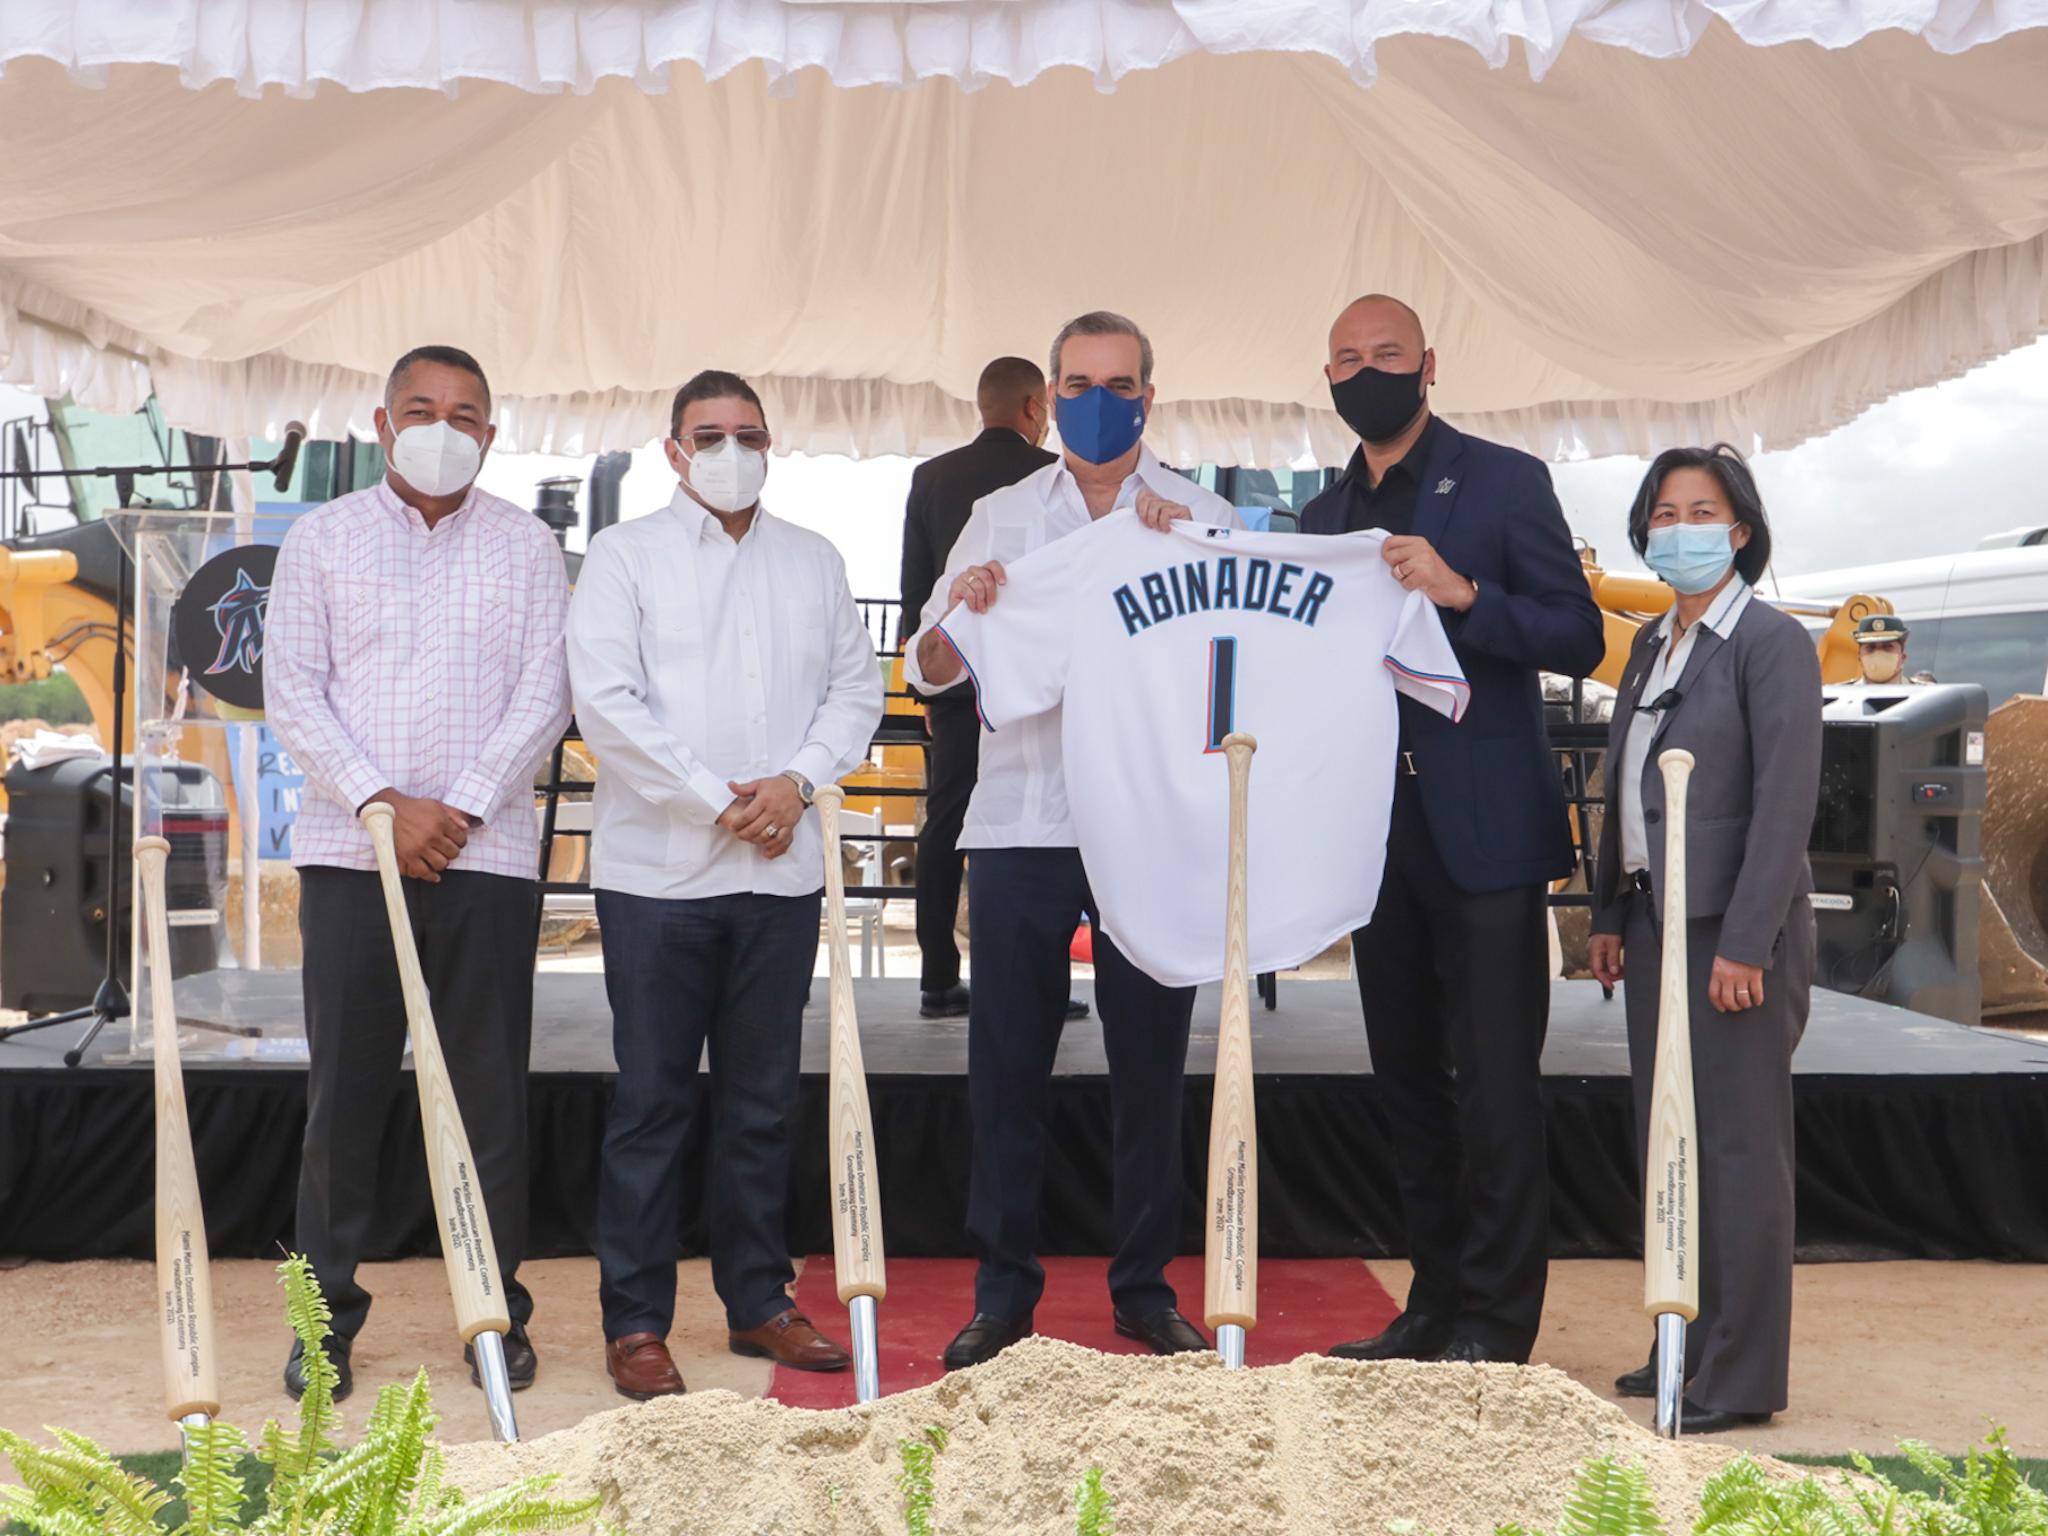 Abinader encabeza inicio construcción de academia Marlins de Miami